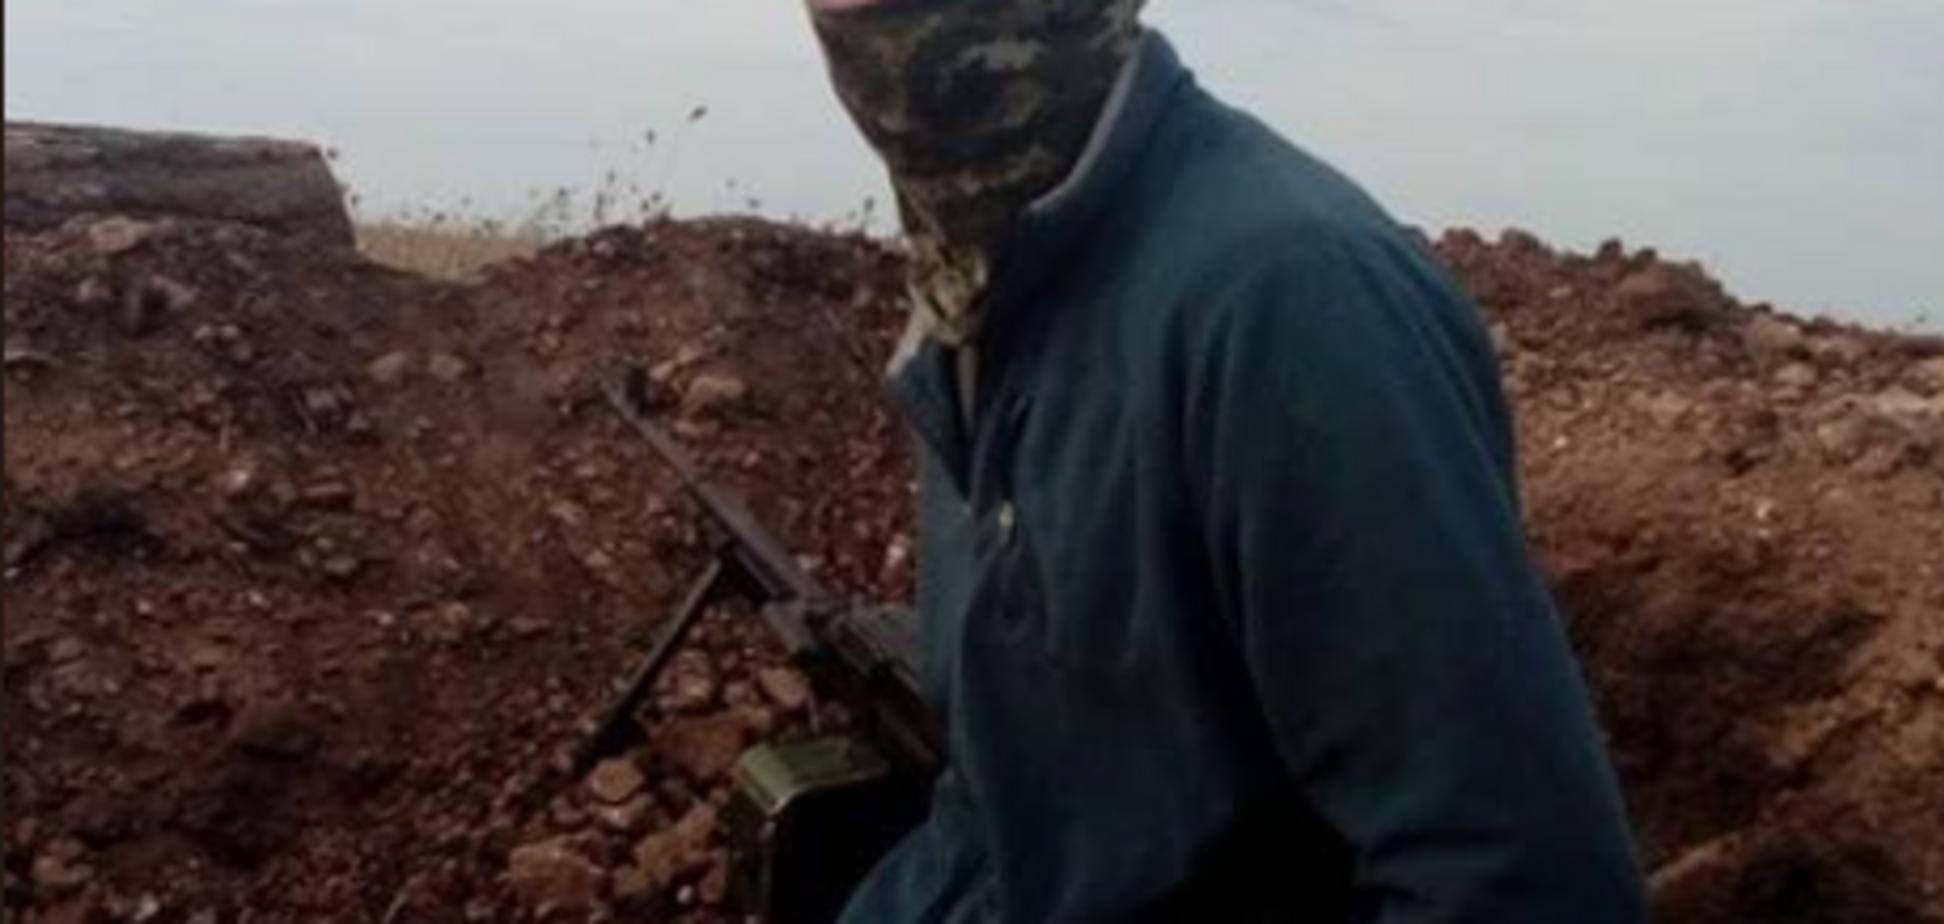 На Донбассе трагически погиб молодой боец ВСУ: в сети появилось фото